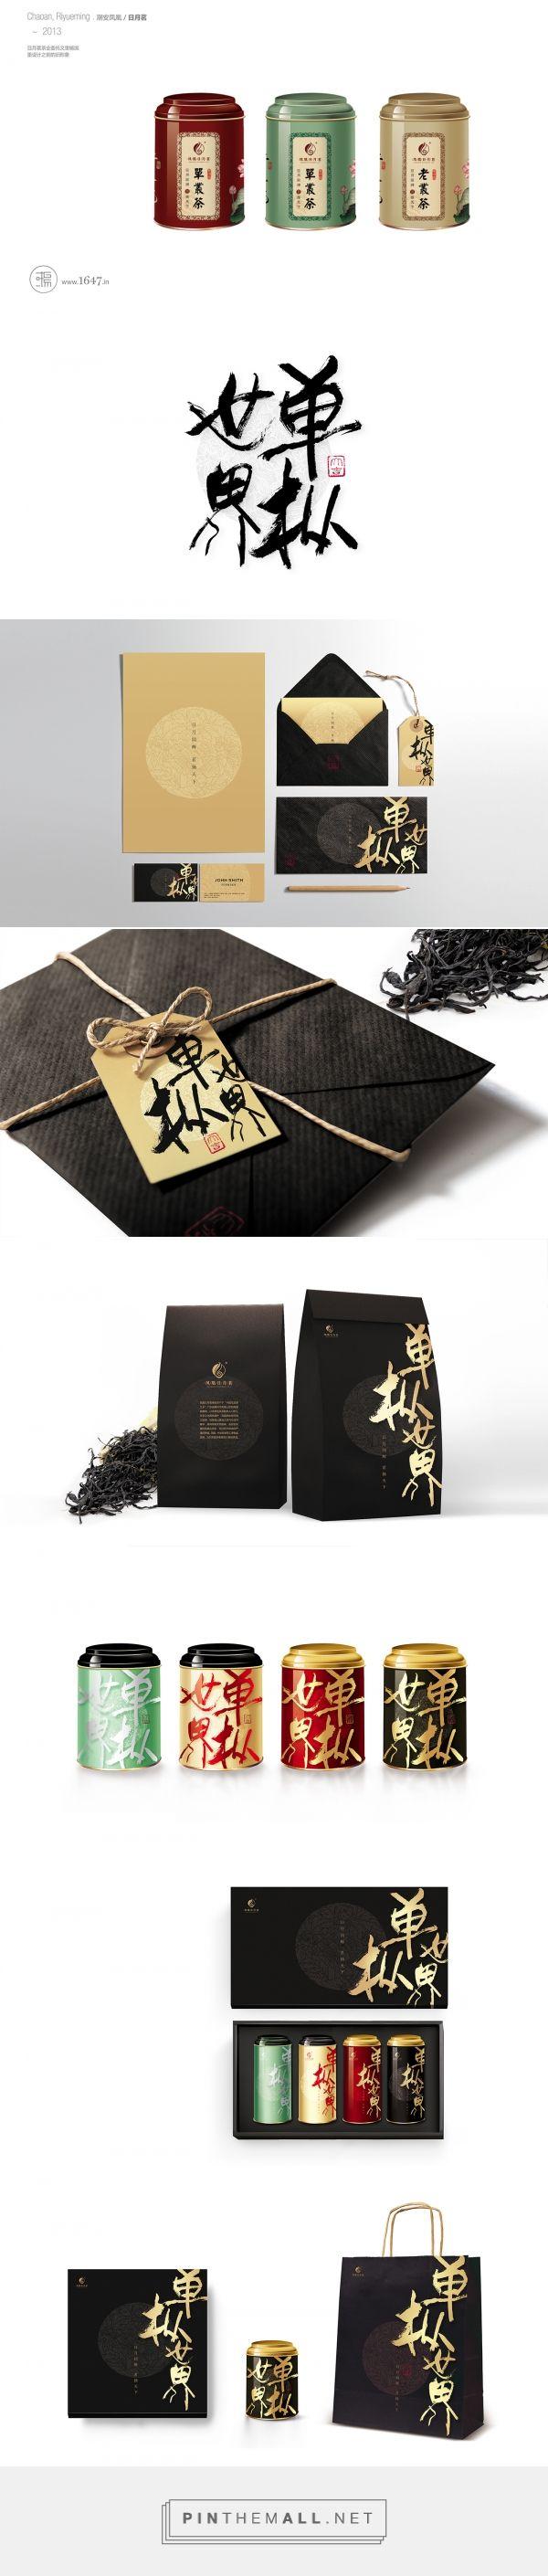 单枞世界-凤凰茶叶品牌包装' Fenghuang dancong' ChineseTea Brand on Behance by Yonko Design Chaozhou, China curated by Packaging Diva PD.  Branding, calligraphy, packaging.